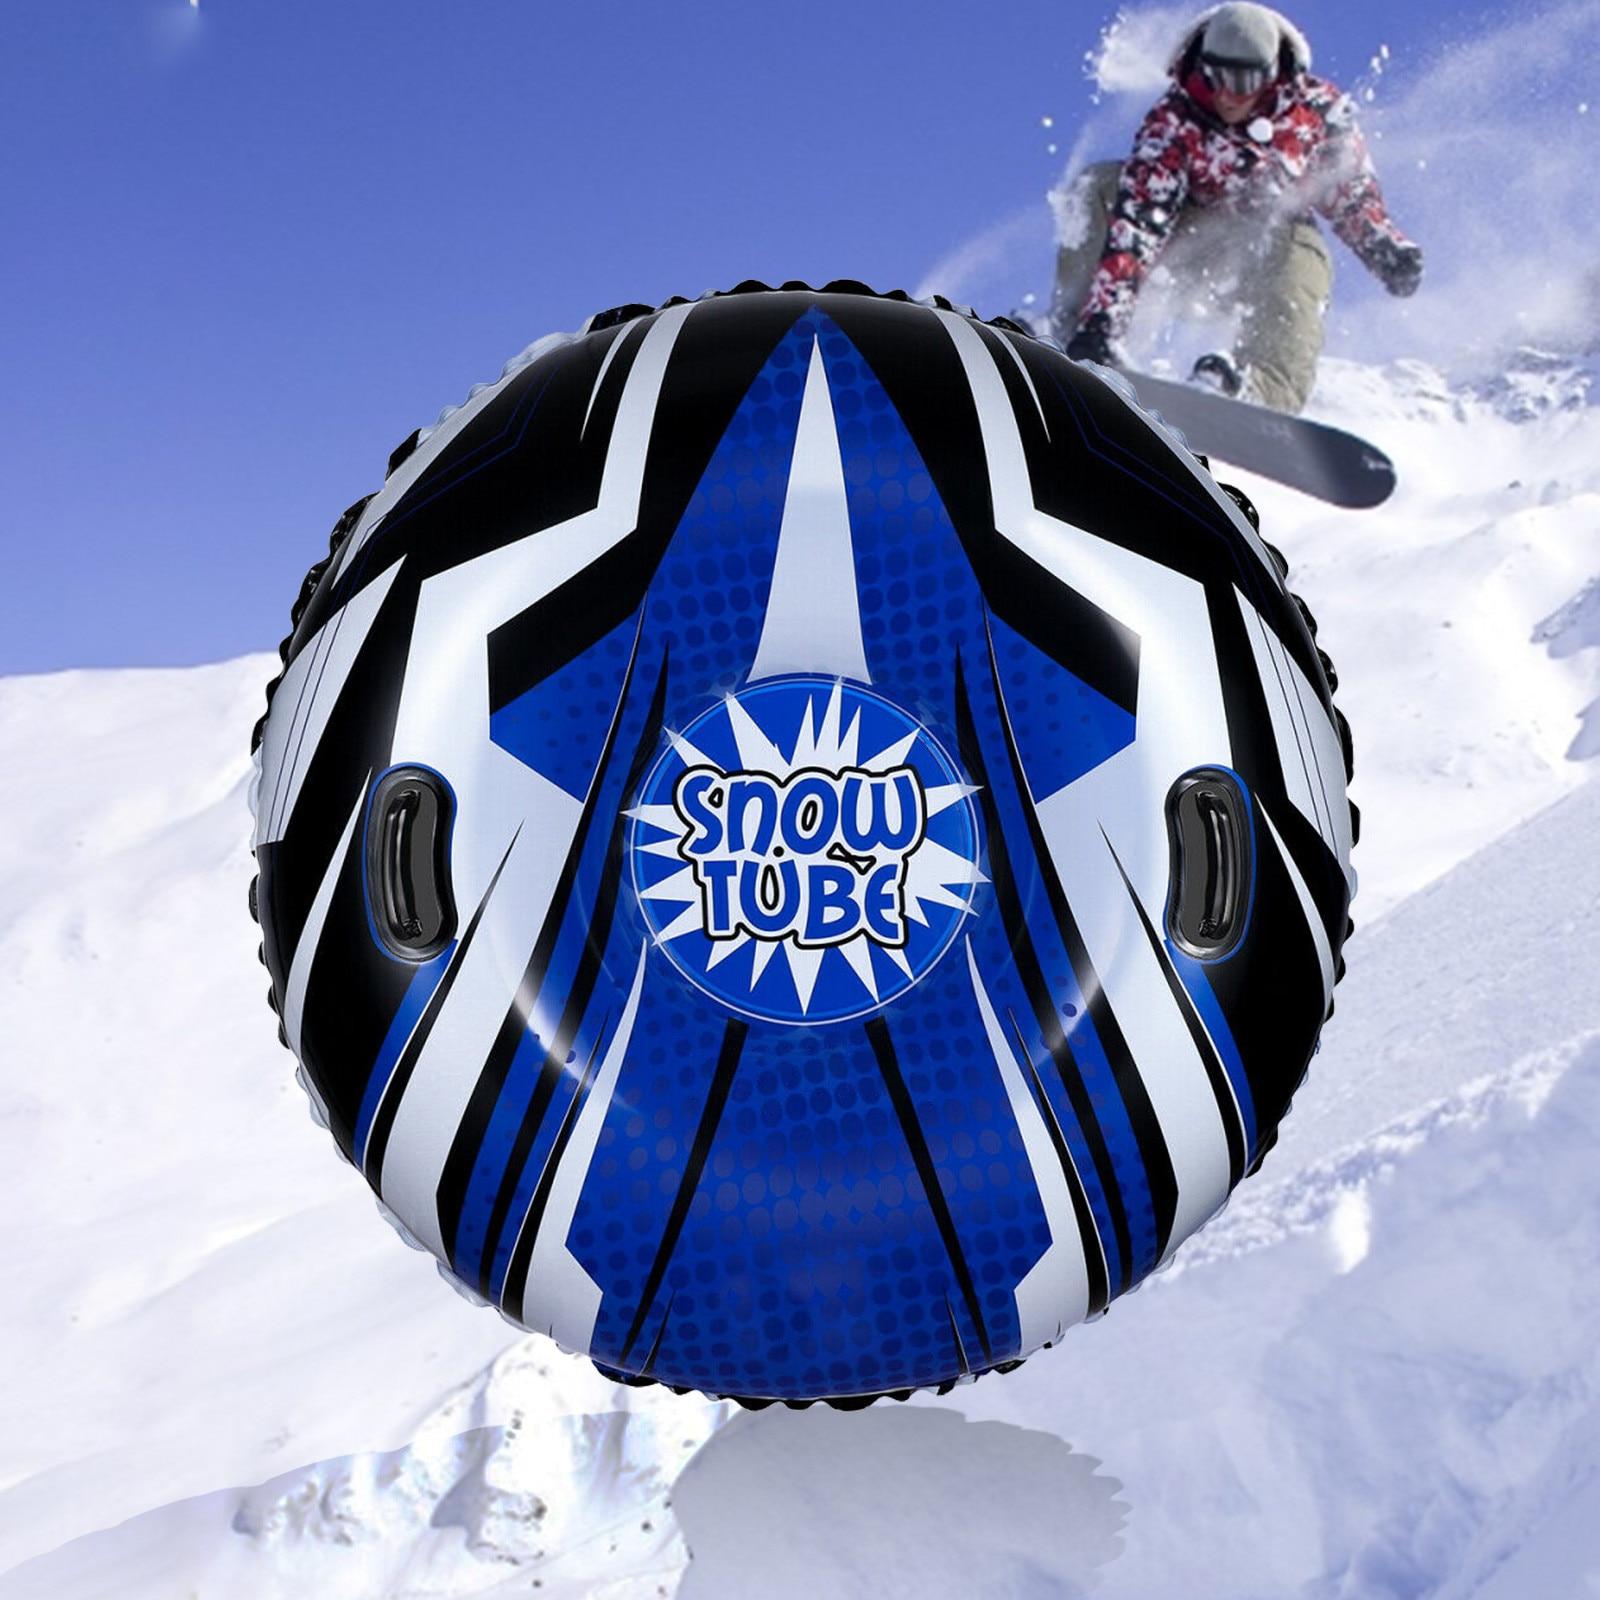 Cercle de Ski de planche de Ski flottant avec poignée gonflable Durable en plein air enfants adultes Ski de neige épaissi jouets de traîneau flottant